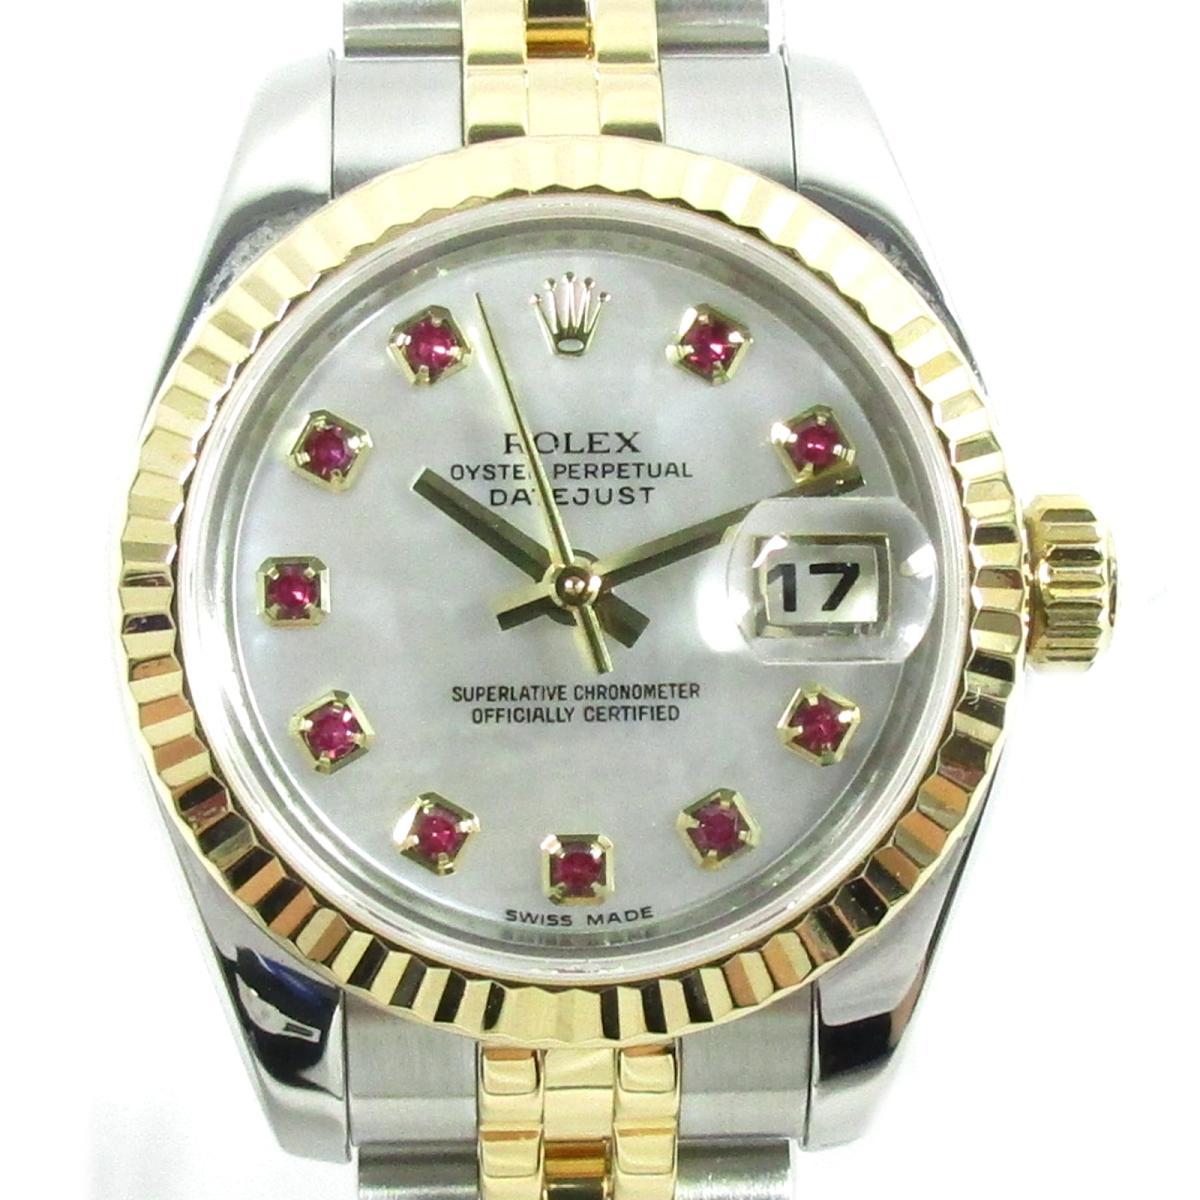 【中古】ロレックス デイトジャスト ウォッチ 腕時計 レディース K18YG(750)イエローゴールド X ステンレススチール(SS) X ルビー10P (179173NGR)